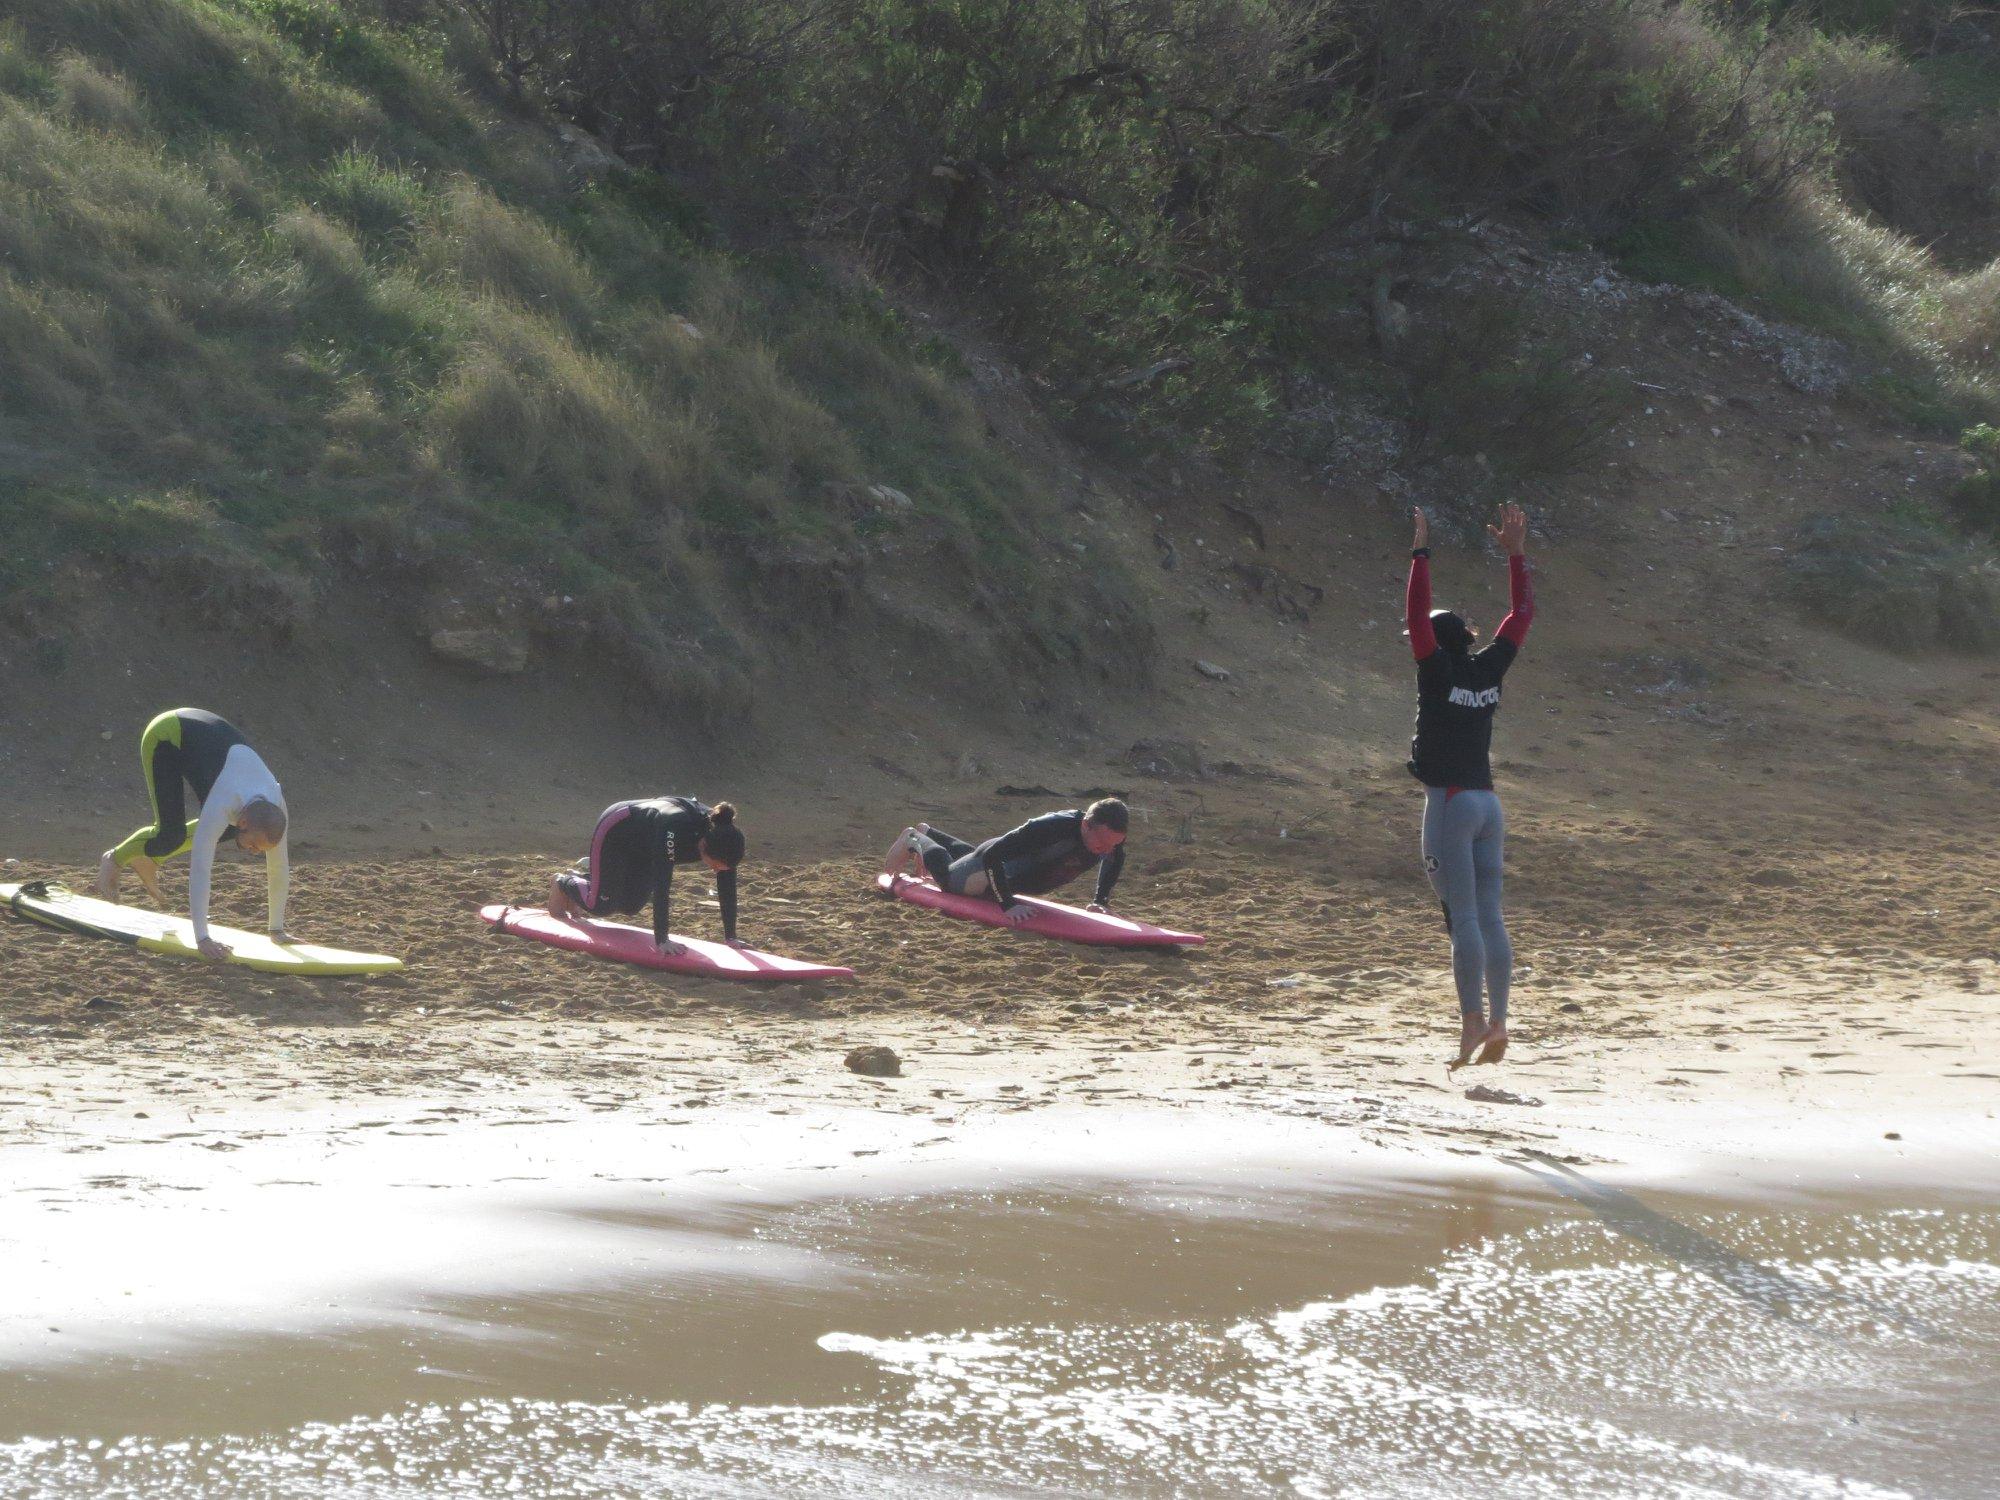 malta surf instructions